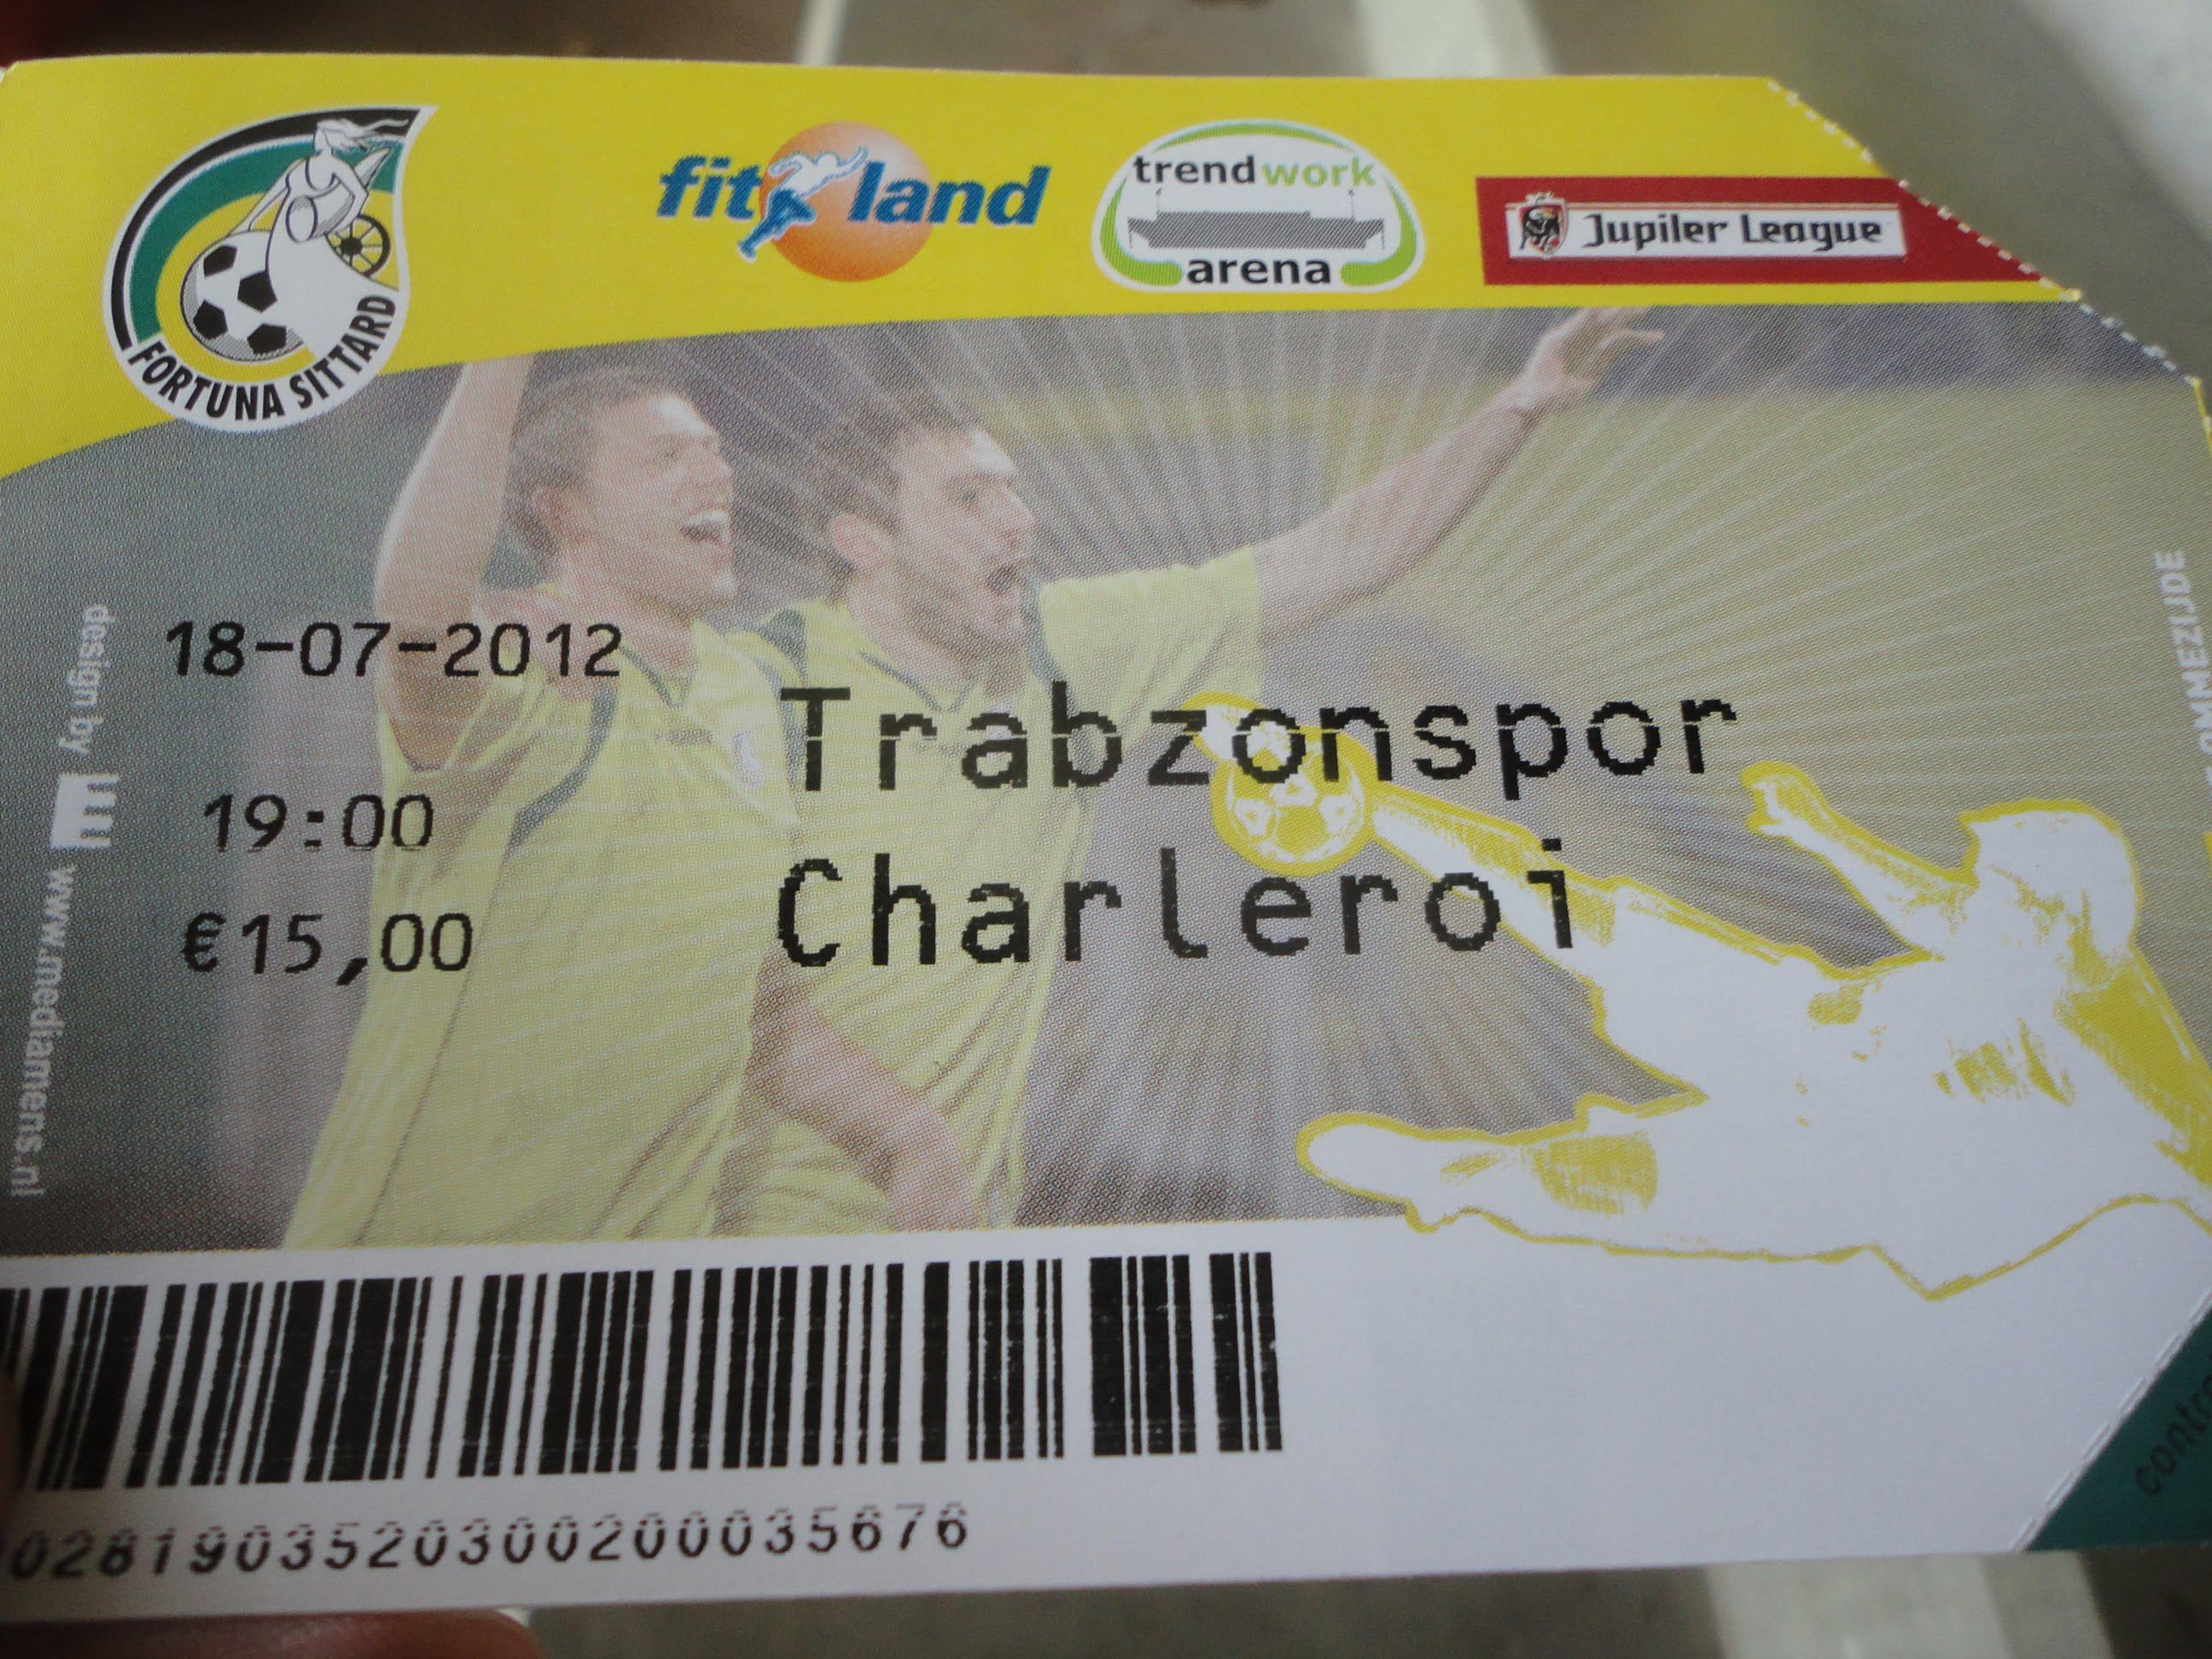 Oefenen in de TWA: Trabzonspor vs. Charleroi